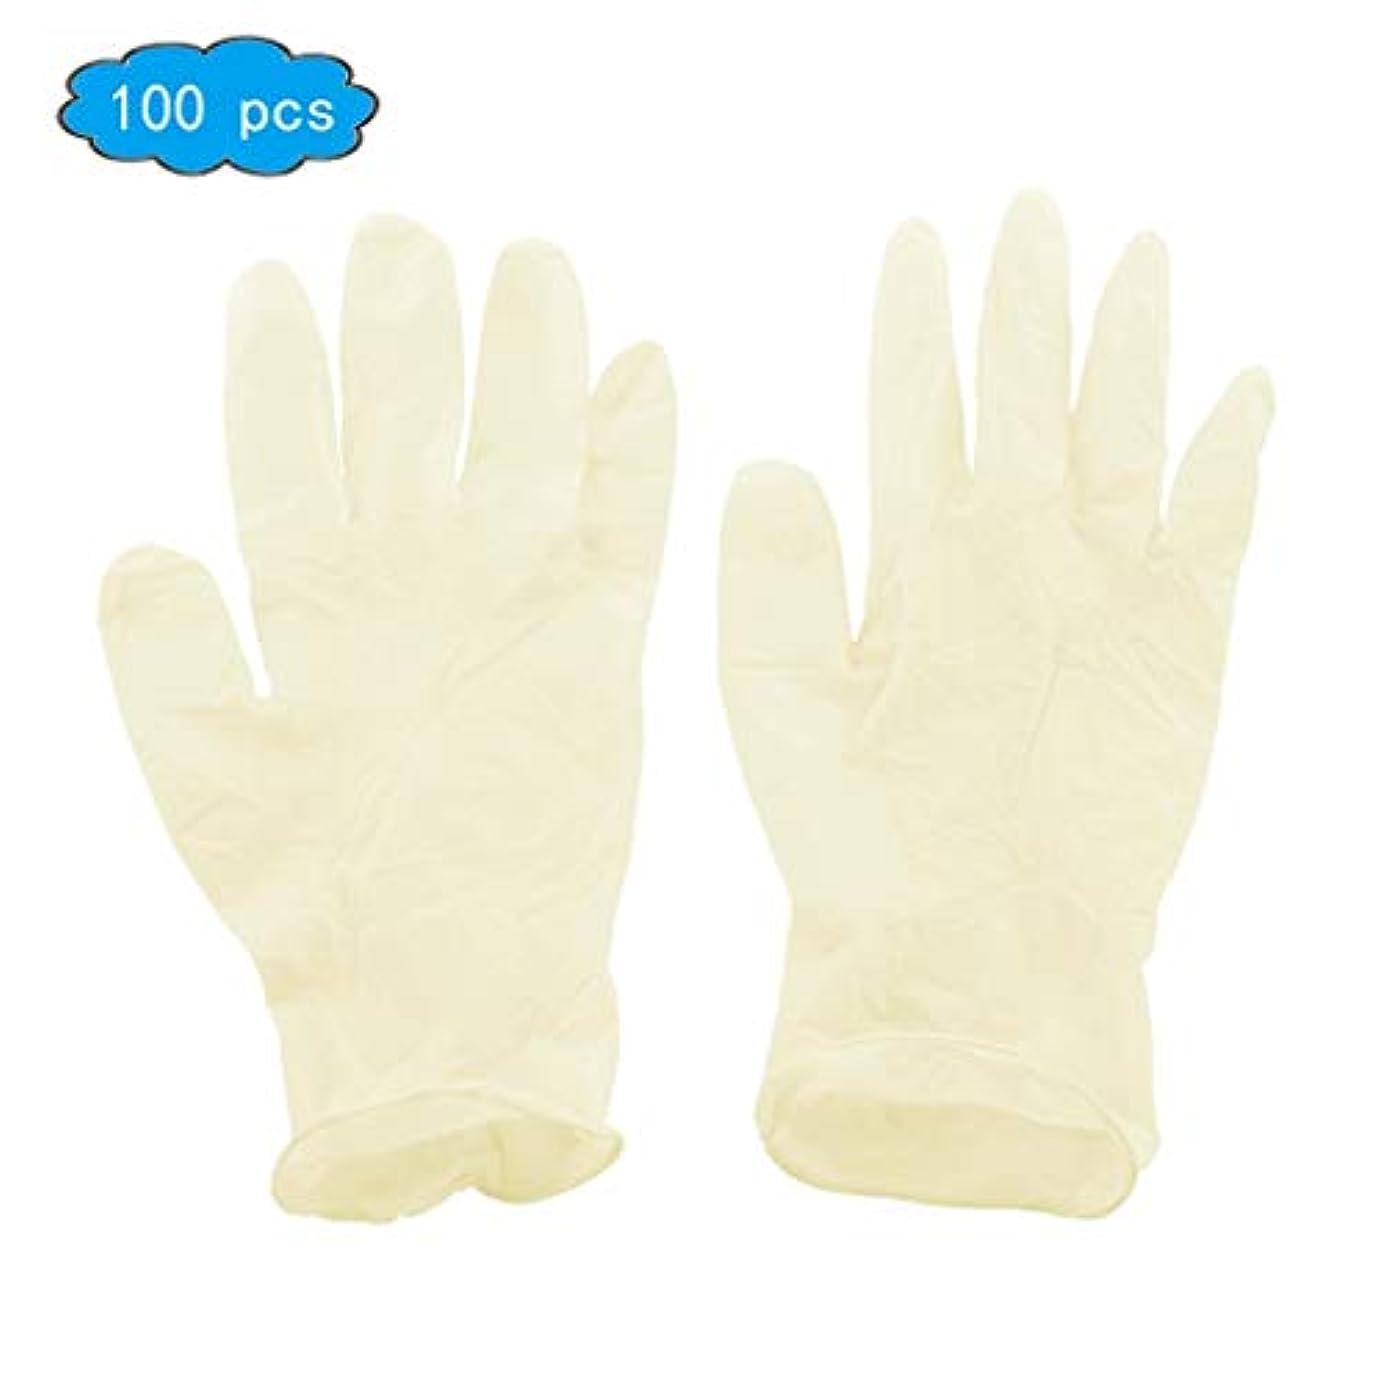 サルベージ流星概念使い捨て手袋 - 医療用、パウダーフリー、ラテックスゴム、使い捨て、非滅菌、食品安全、テクスチャード加工、(便利なディスペンサーパック100)、中サイズ、応急処置用品 (Color : Beige, Size : M)